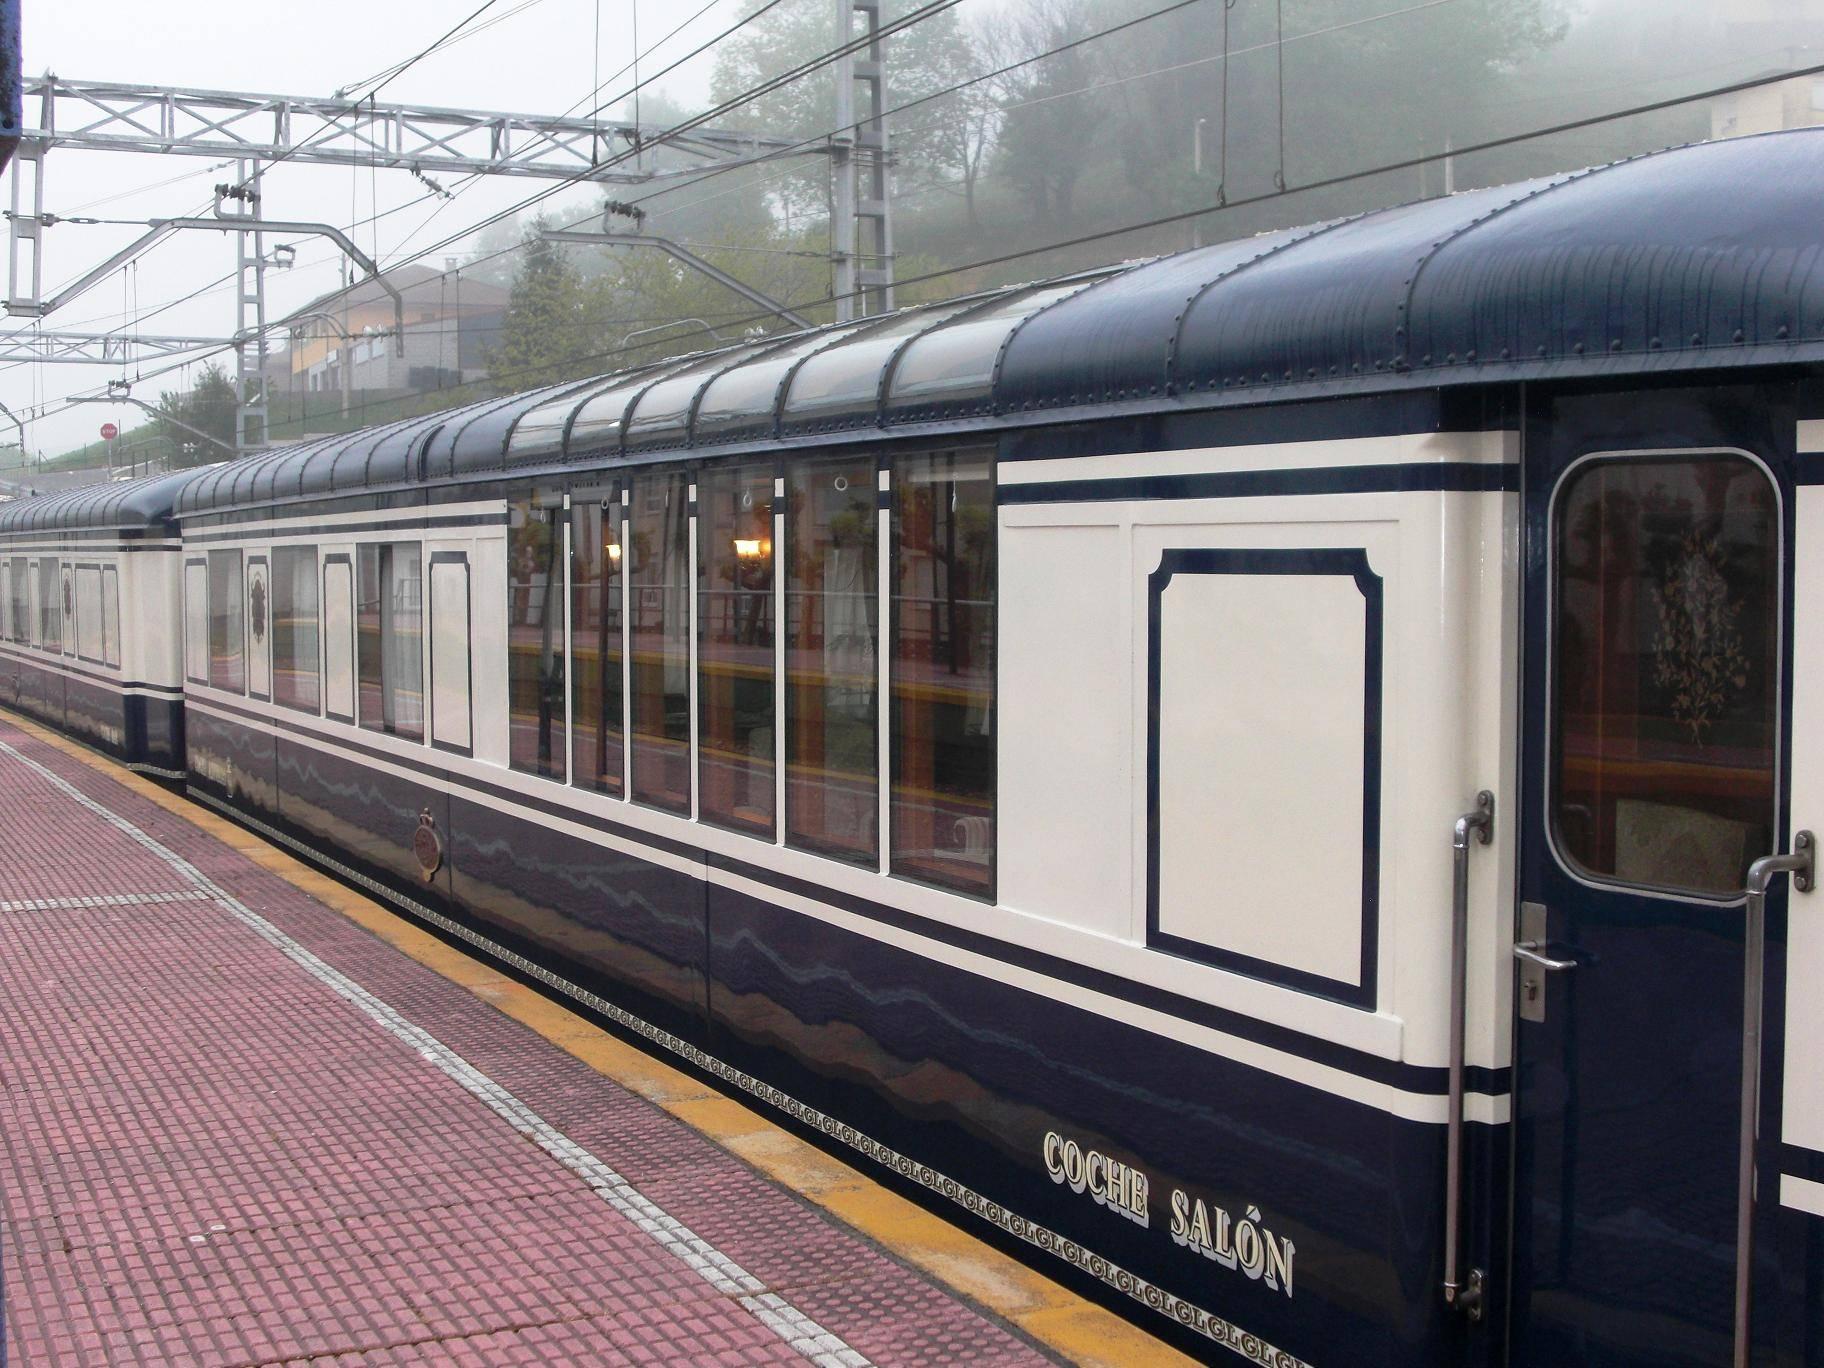 El Transcantabrico Spain Luxury Train - 3